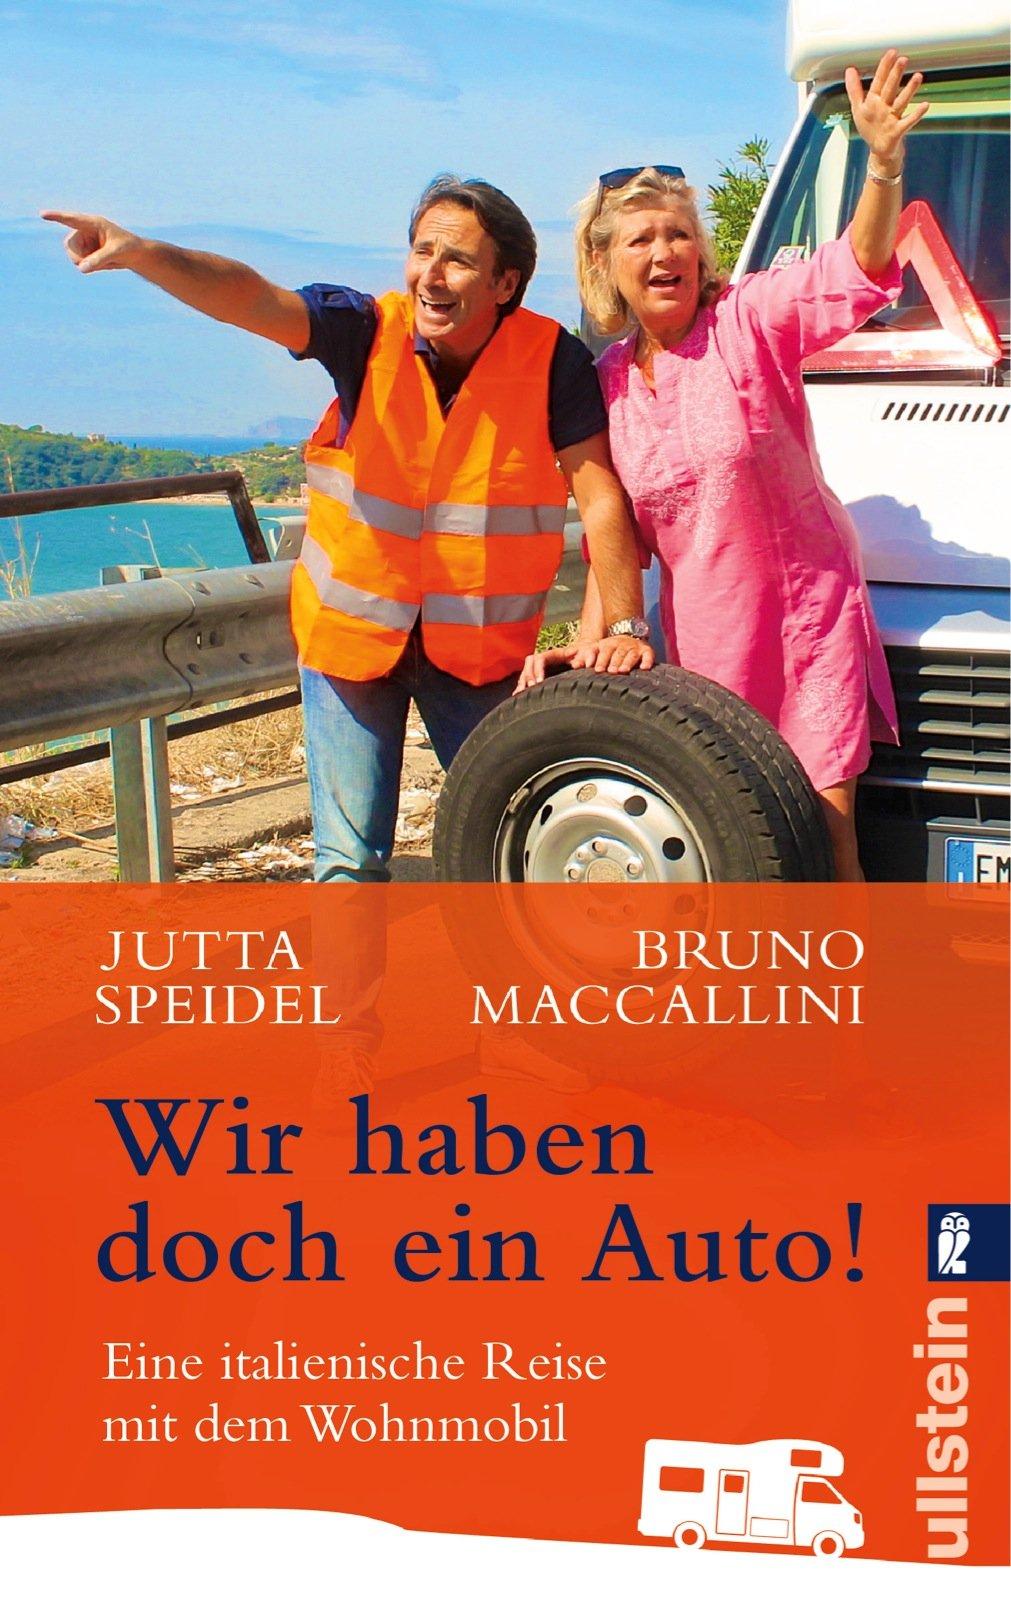 Wir haben doch ein Auto!: Eine süditalienische Reise mit dem Wohnmobil Taschenbuch – 11. April 2014 Jutta Speidel Bruno Maccallini Ullstein Taschenbuch 3548375405